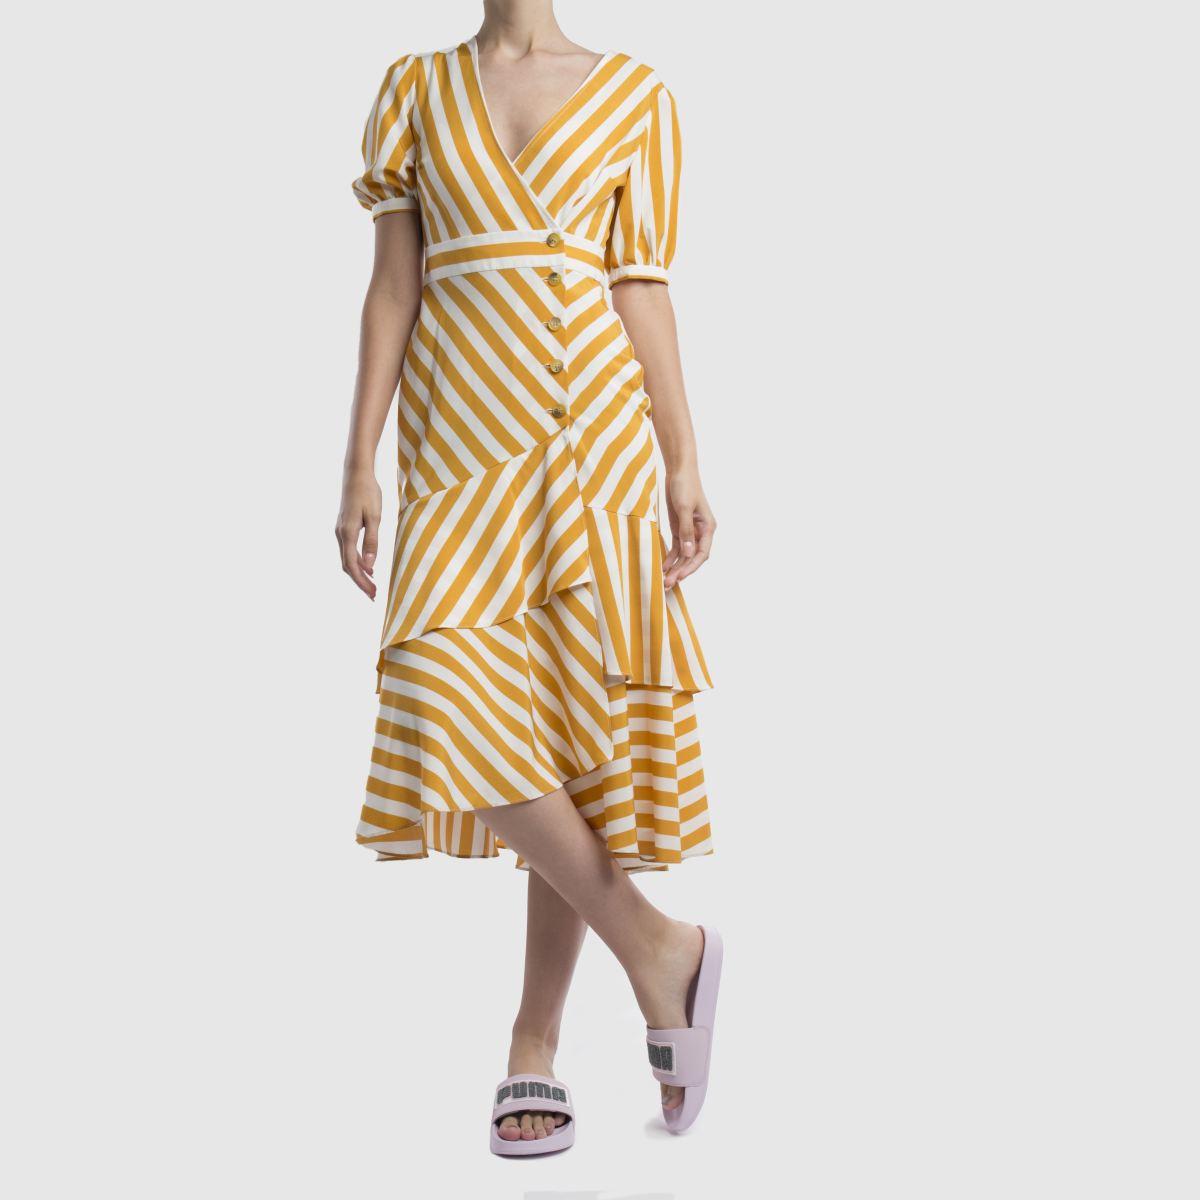 Damen Sandalen Rosa puma Leadcat Nsk Sandalen Damen | schuh Gute Qualität beliebte Schuhe 808339